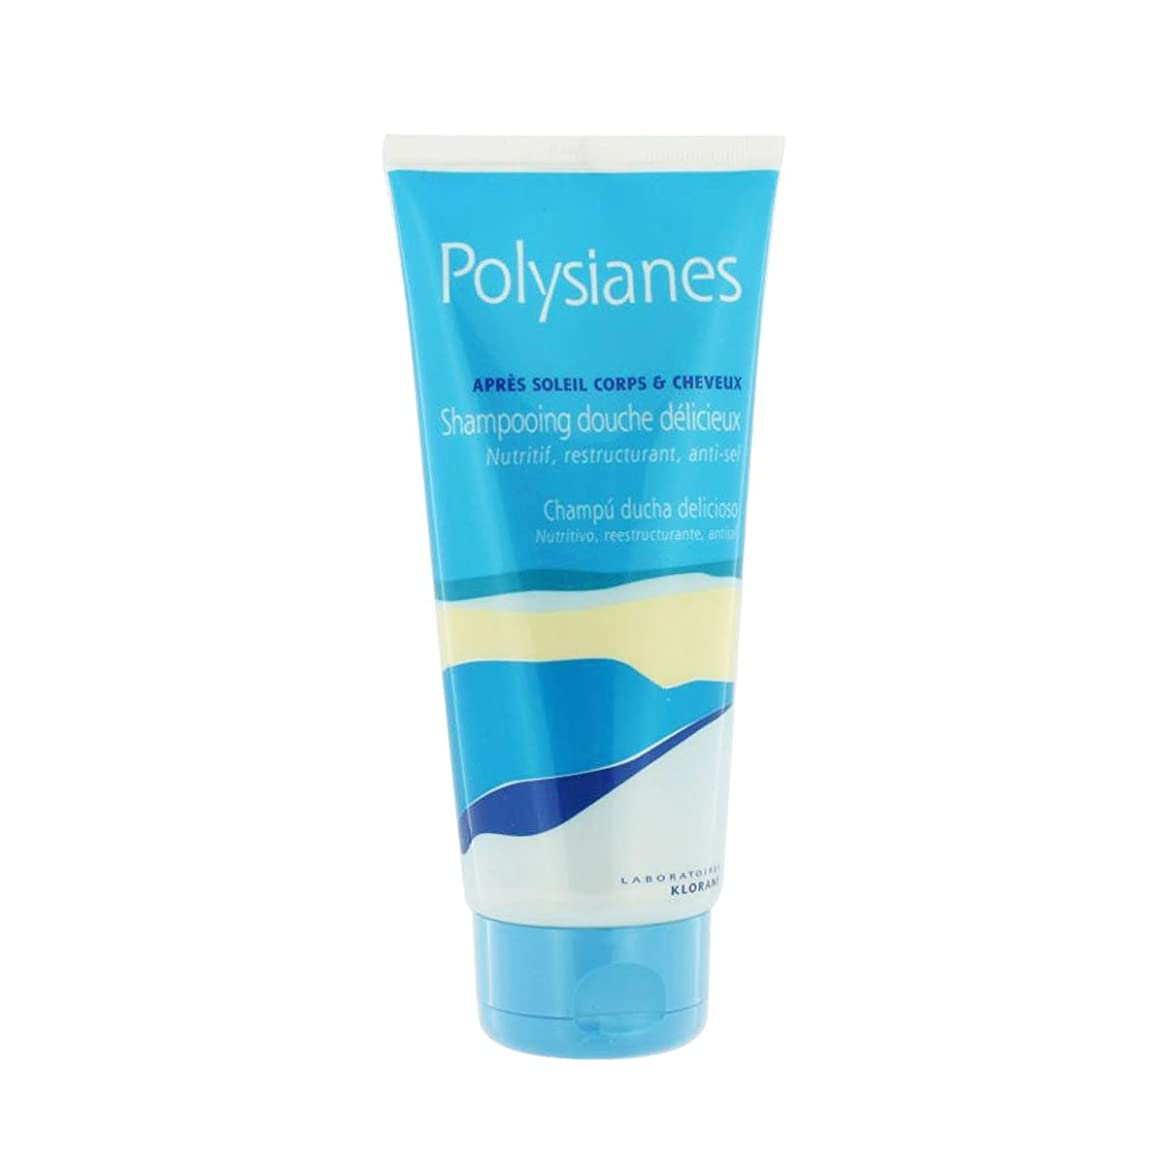 余韻レーニン主義ジャンピングジャックPolysianes After Sun Shampoo With Monoi 200ml [並行輸入品]